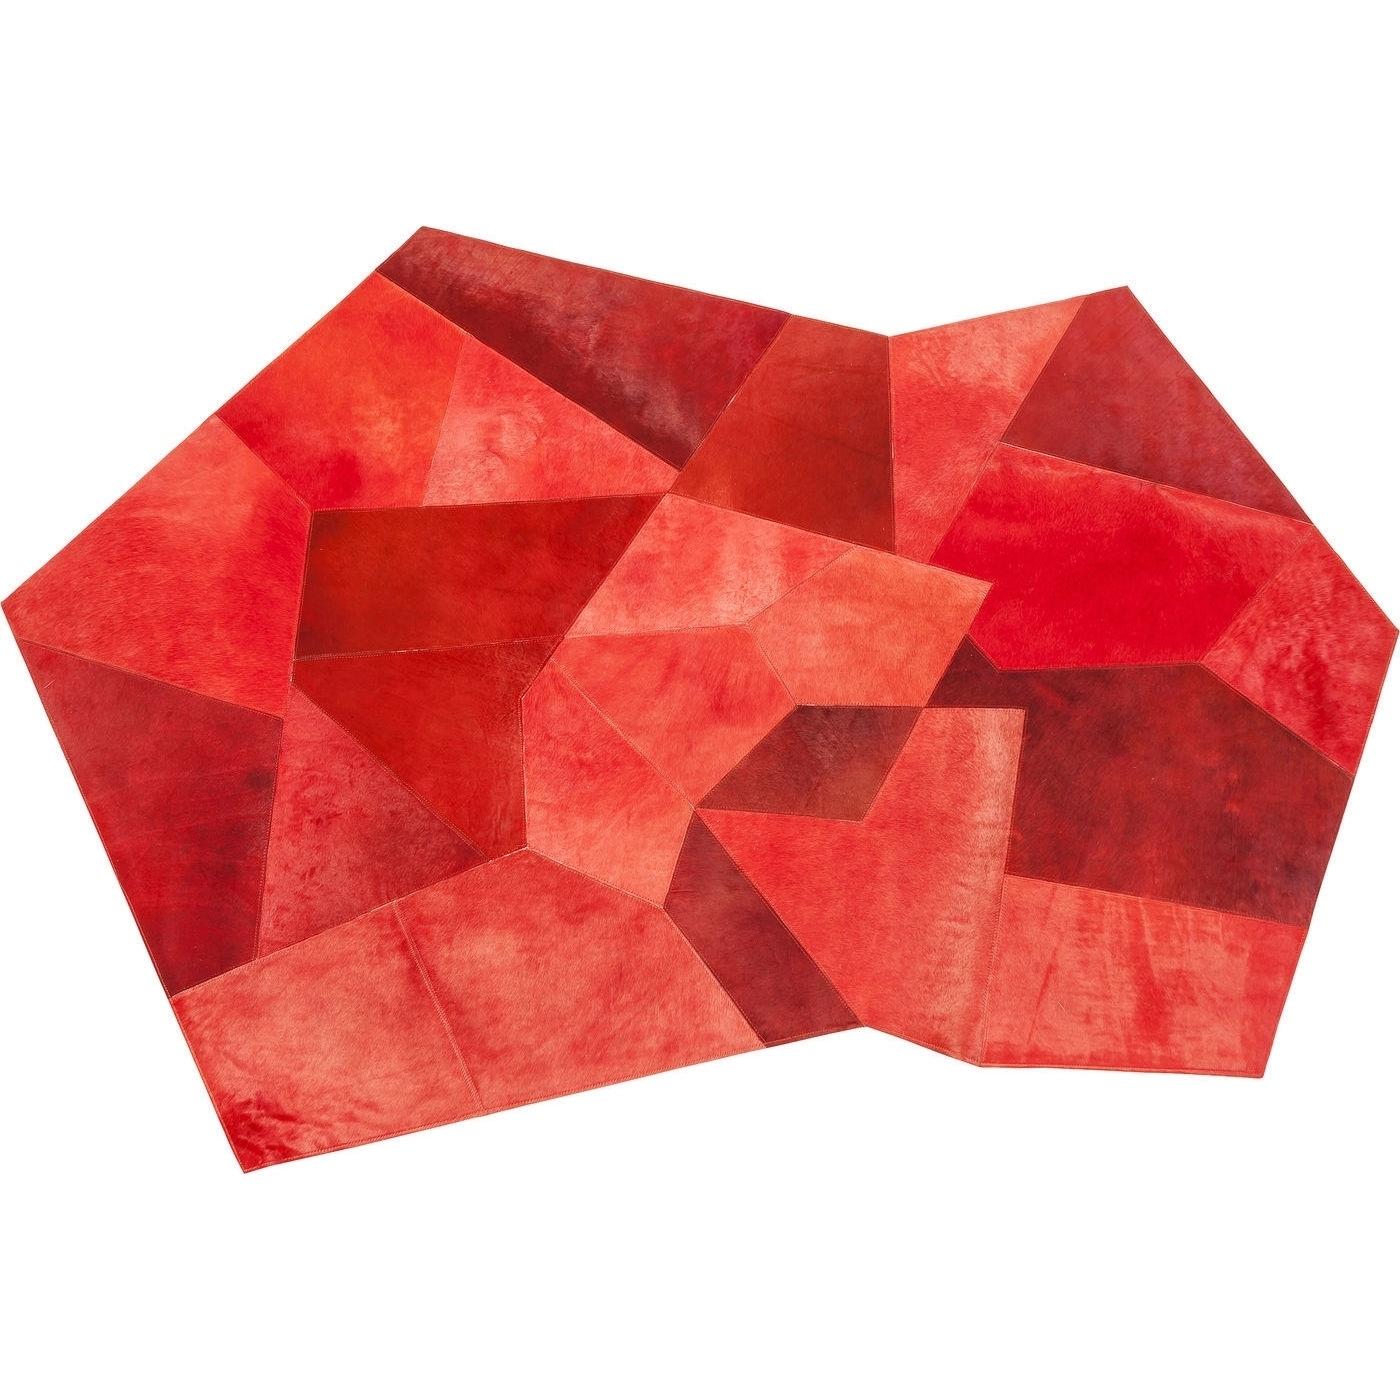 Teppich Asymmetric rot 240x170cm